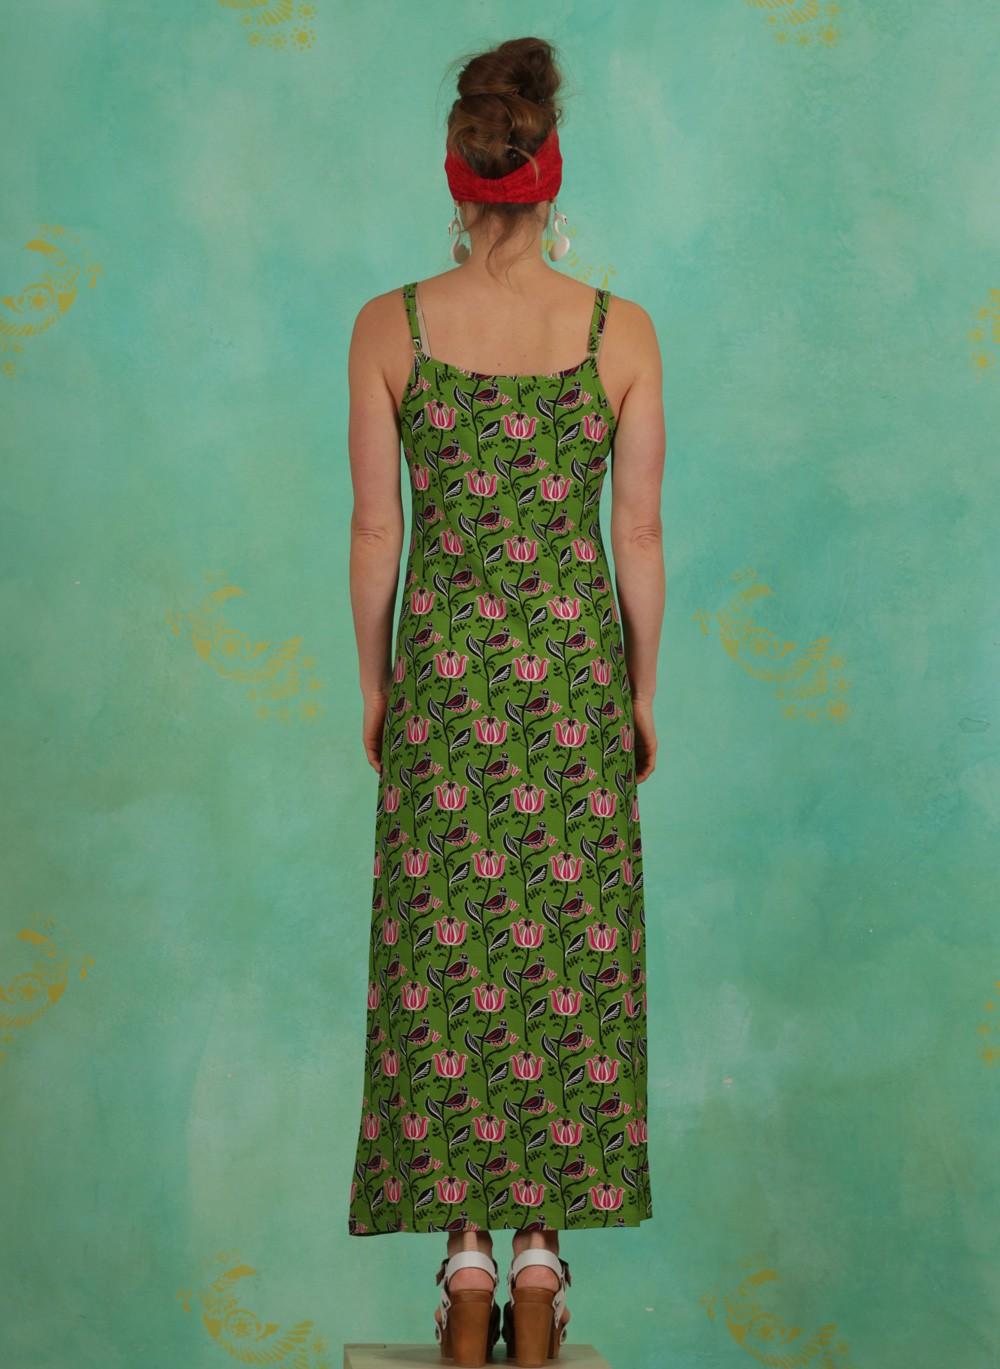 Bakery - Ladies - Frühling - Kleid, 385174, green - ey